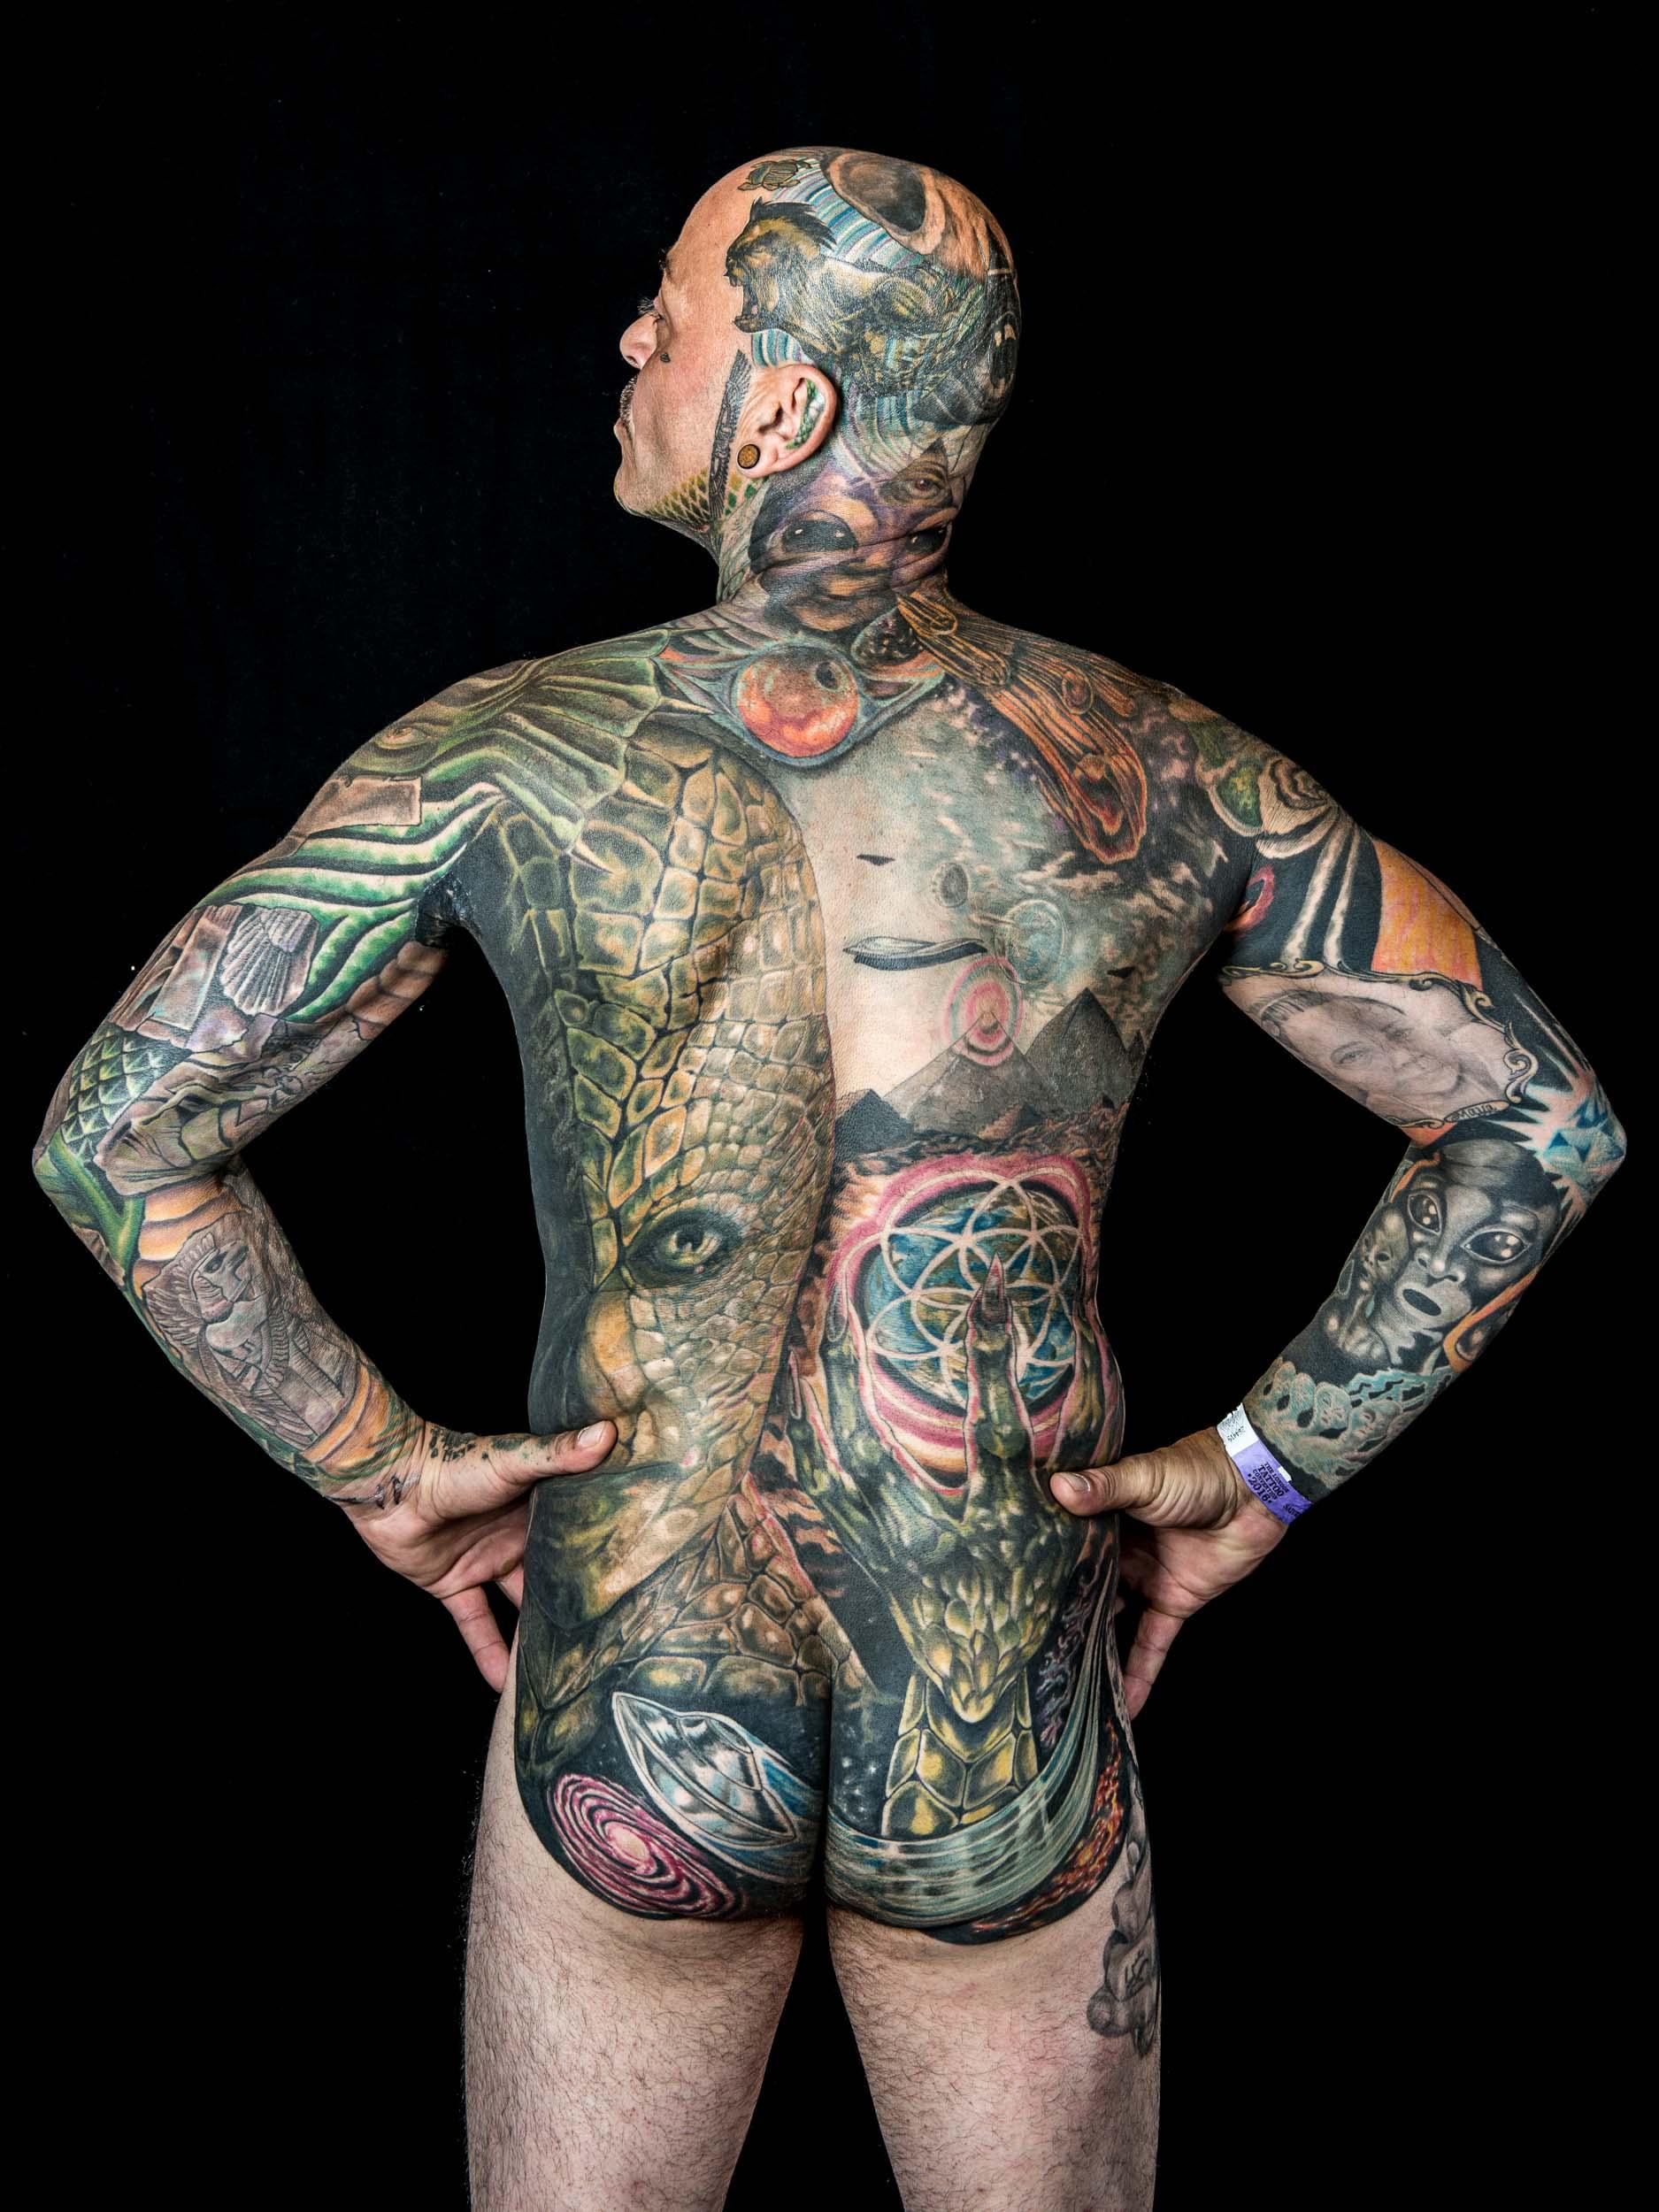 www.iaincrockart.com_tattoo-15.jpg